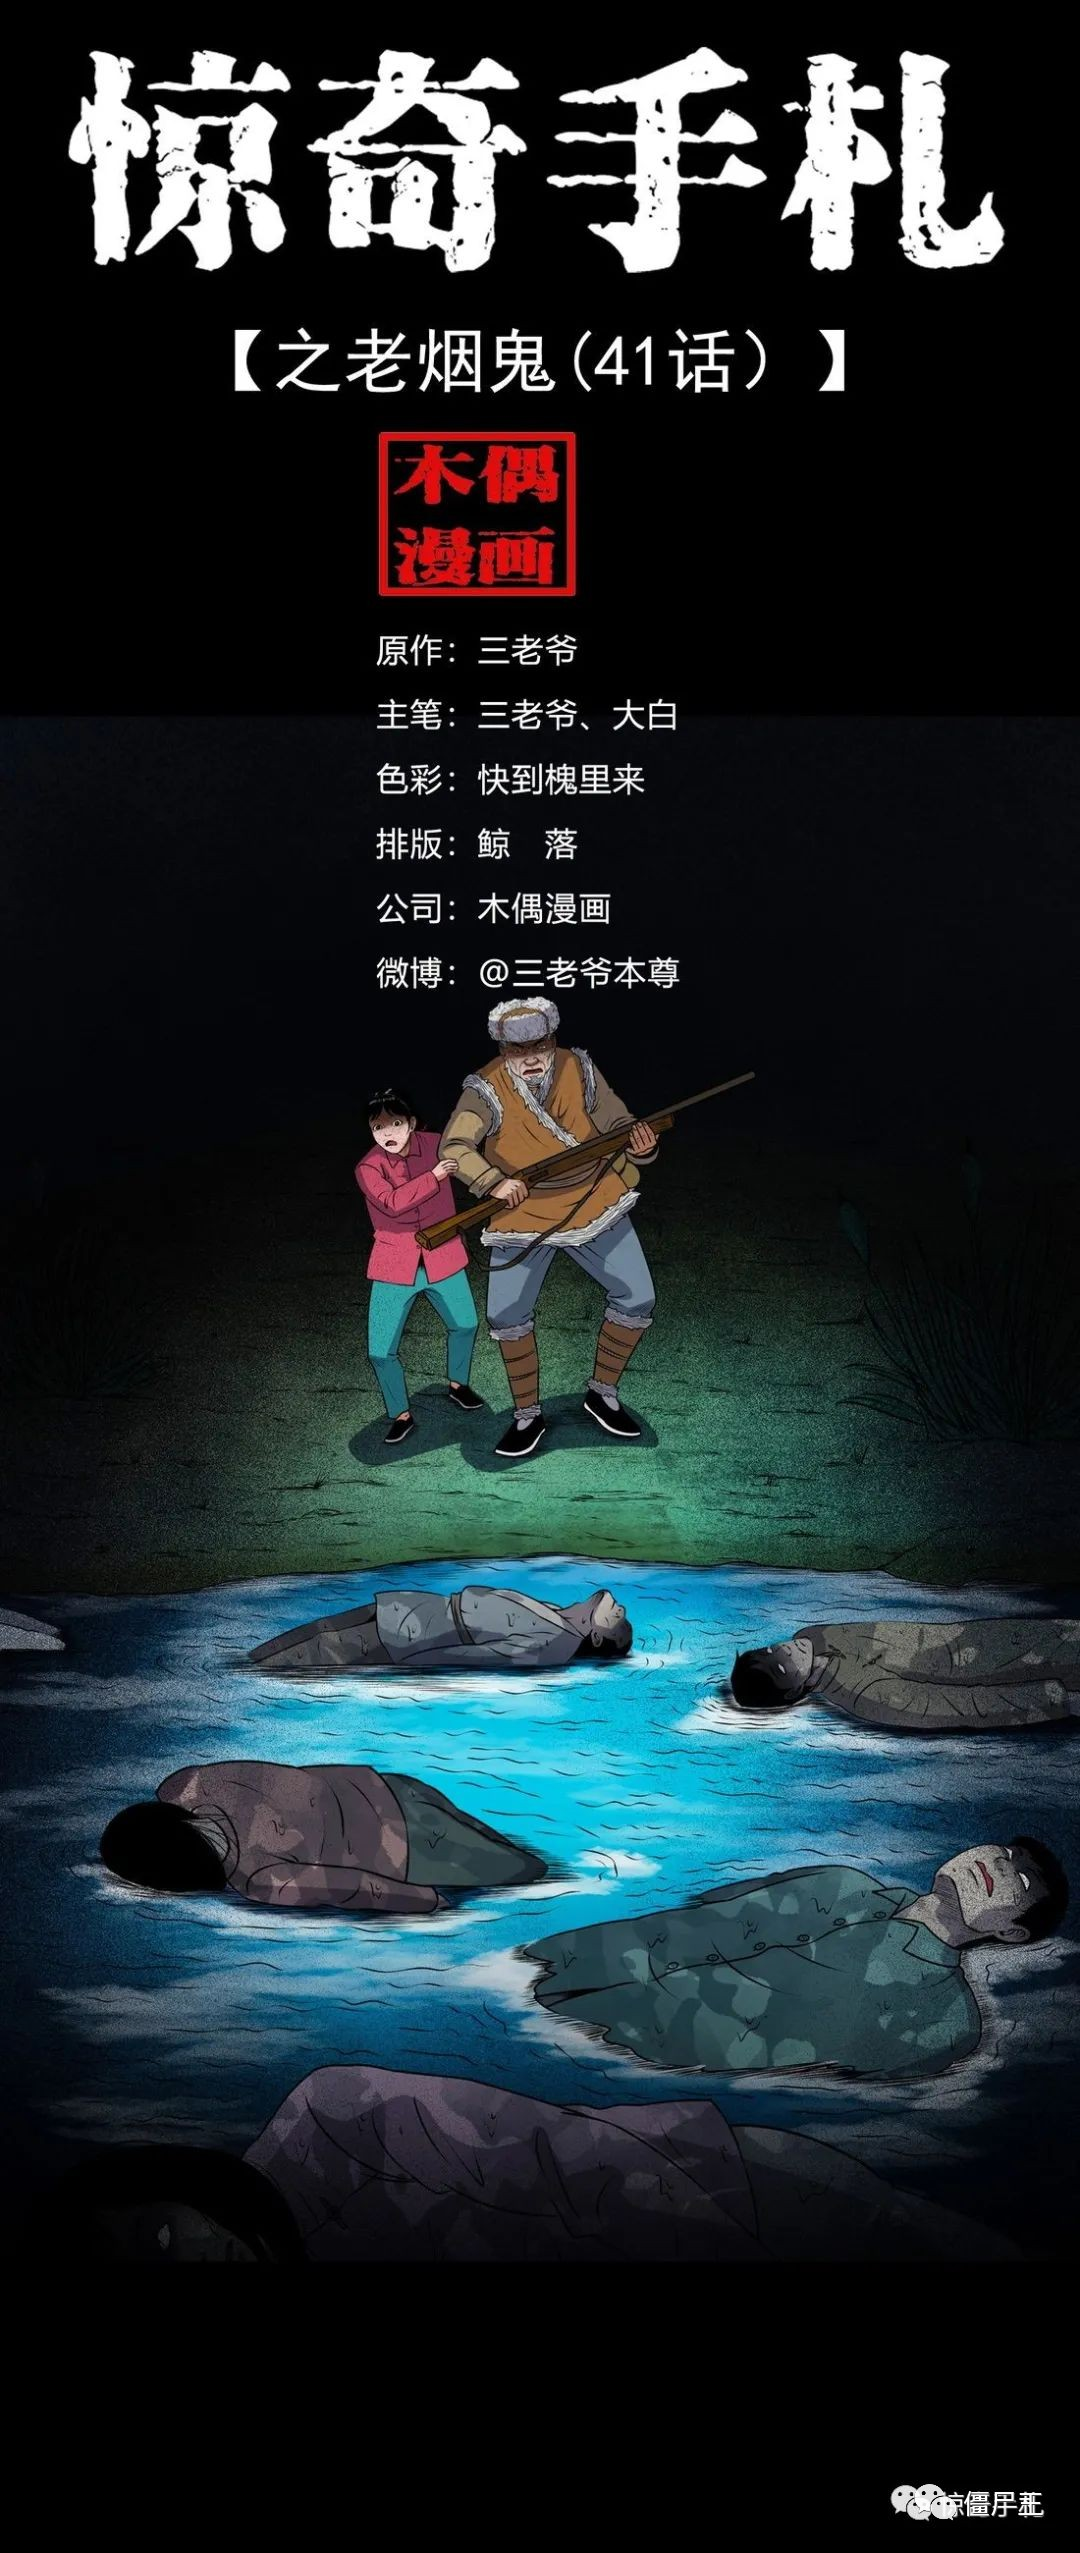 僵尸王漫画:惊奇手札之老烟鬼(41)